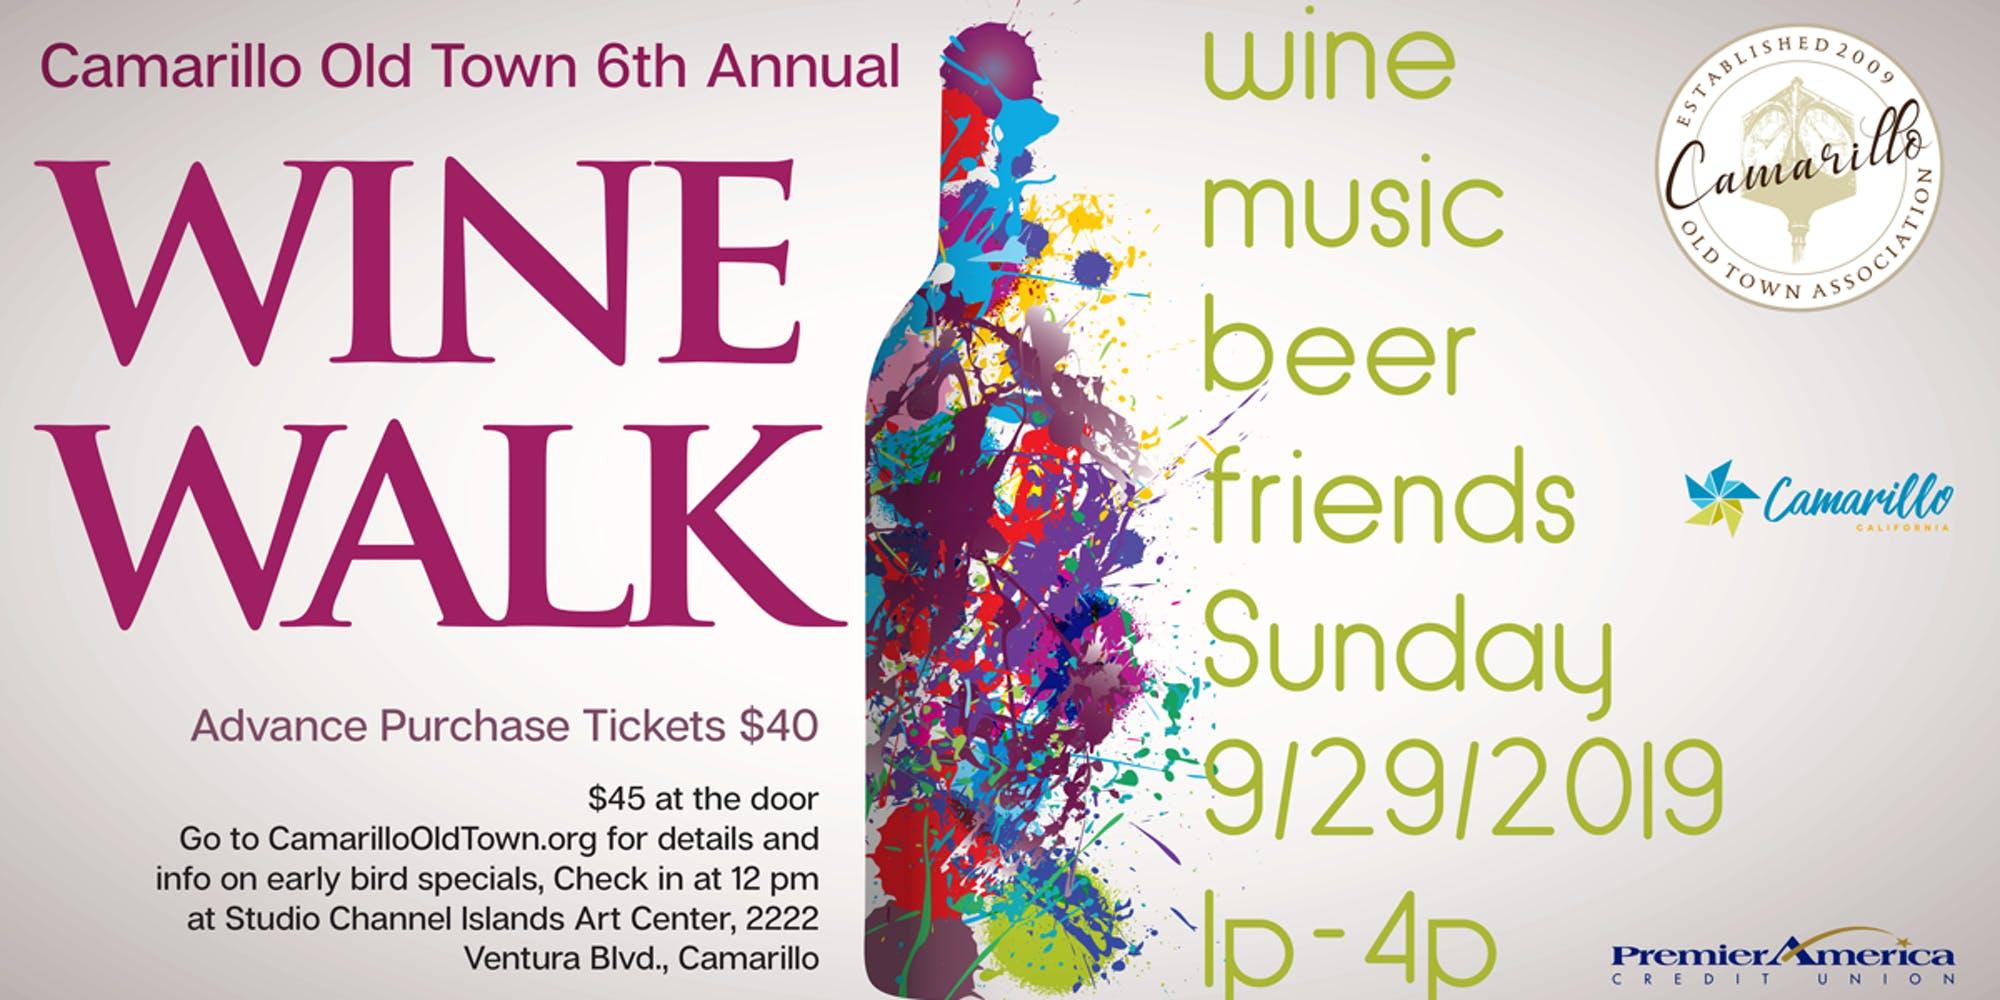 6th Annual Camarillo Old Town Wine Walk